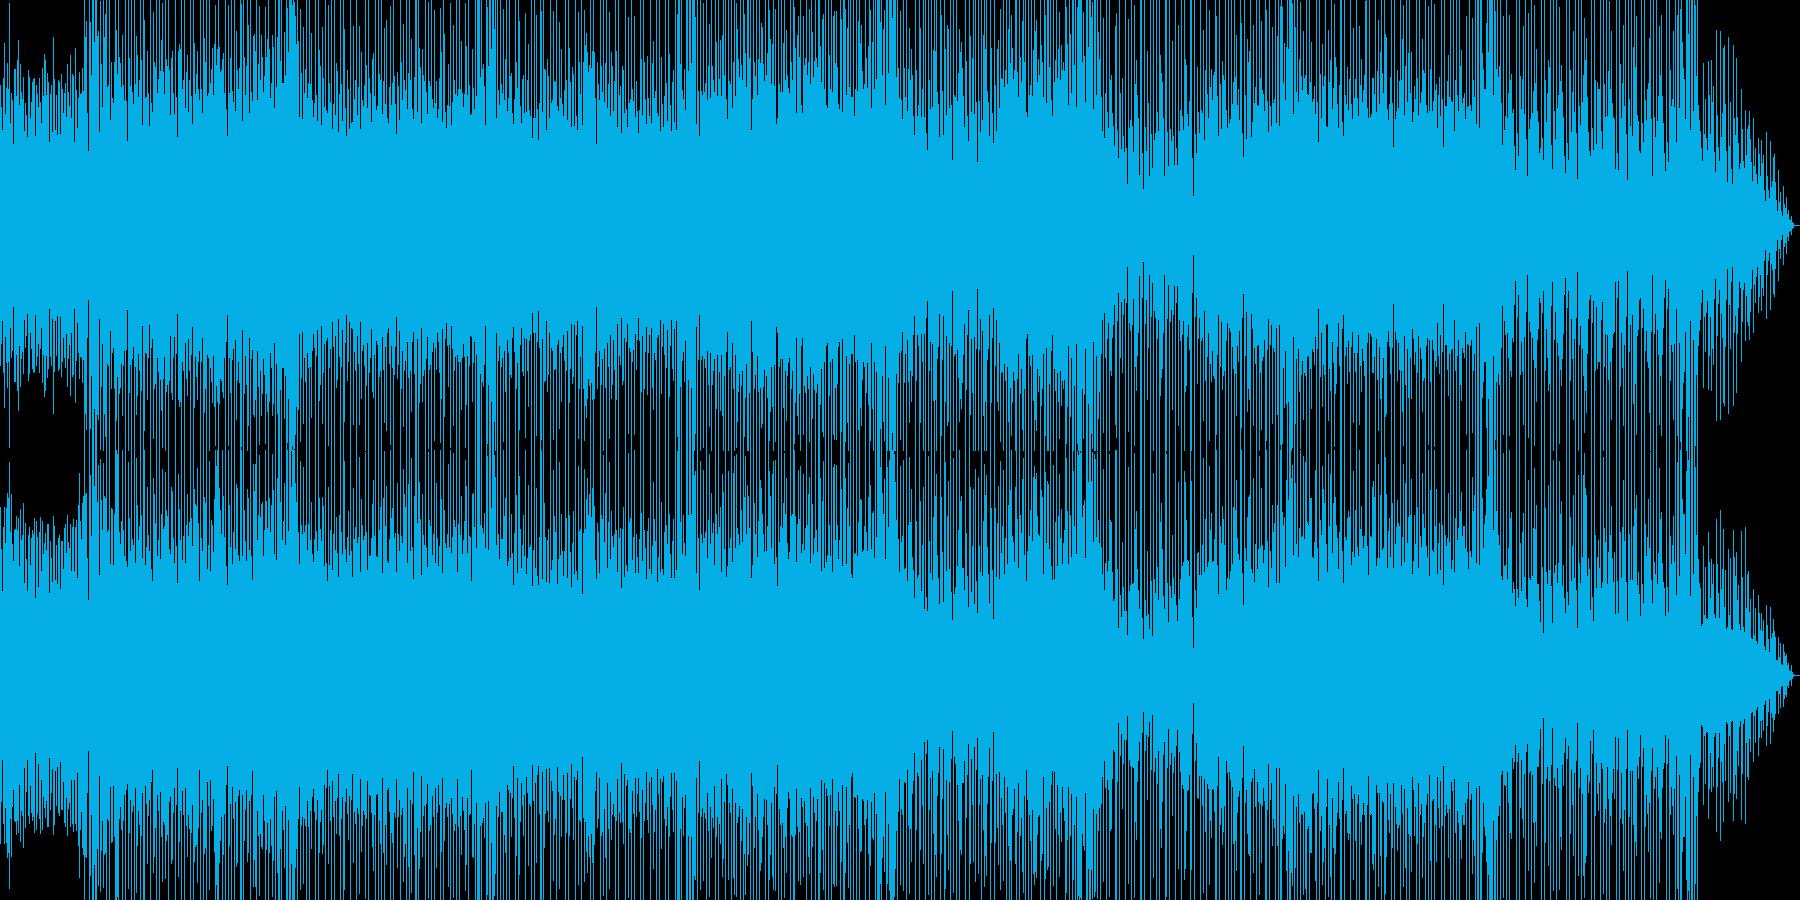 軽快なリズムが印象的なロックBGMの再生済みの波形